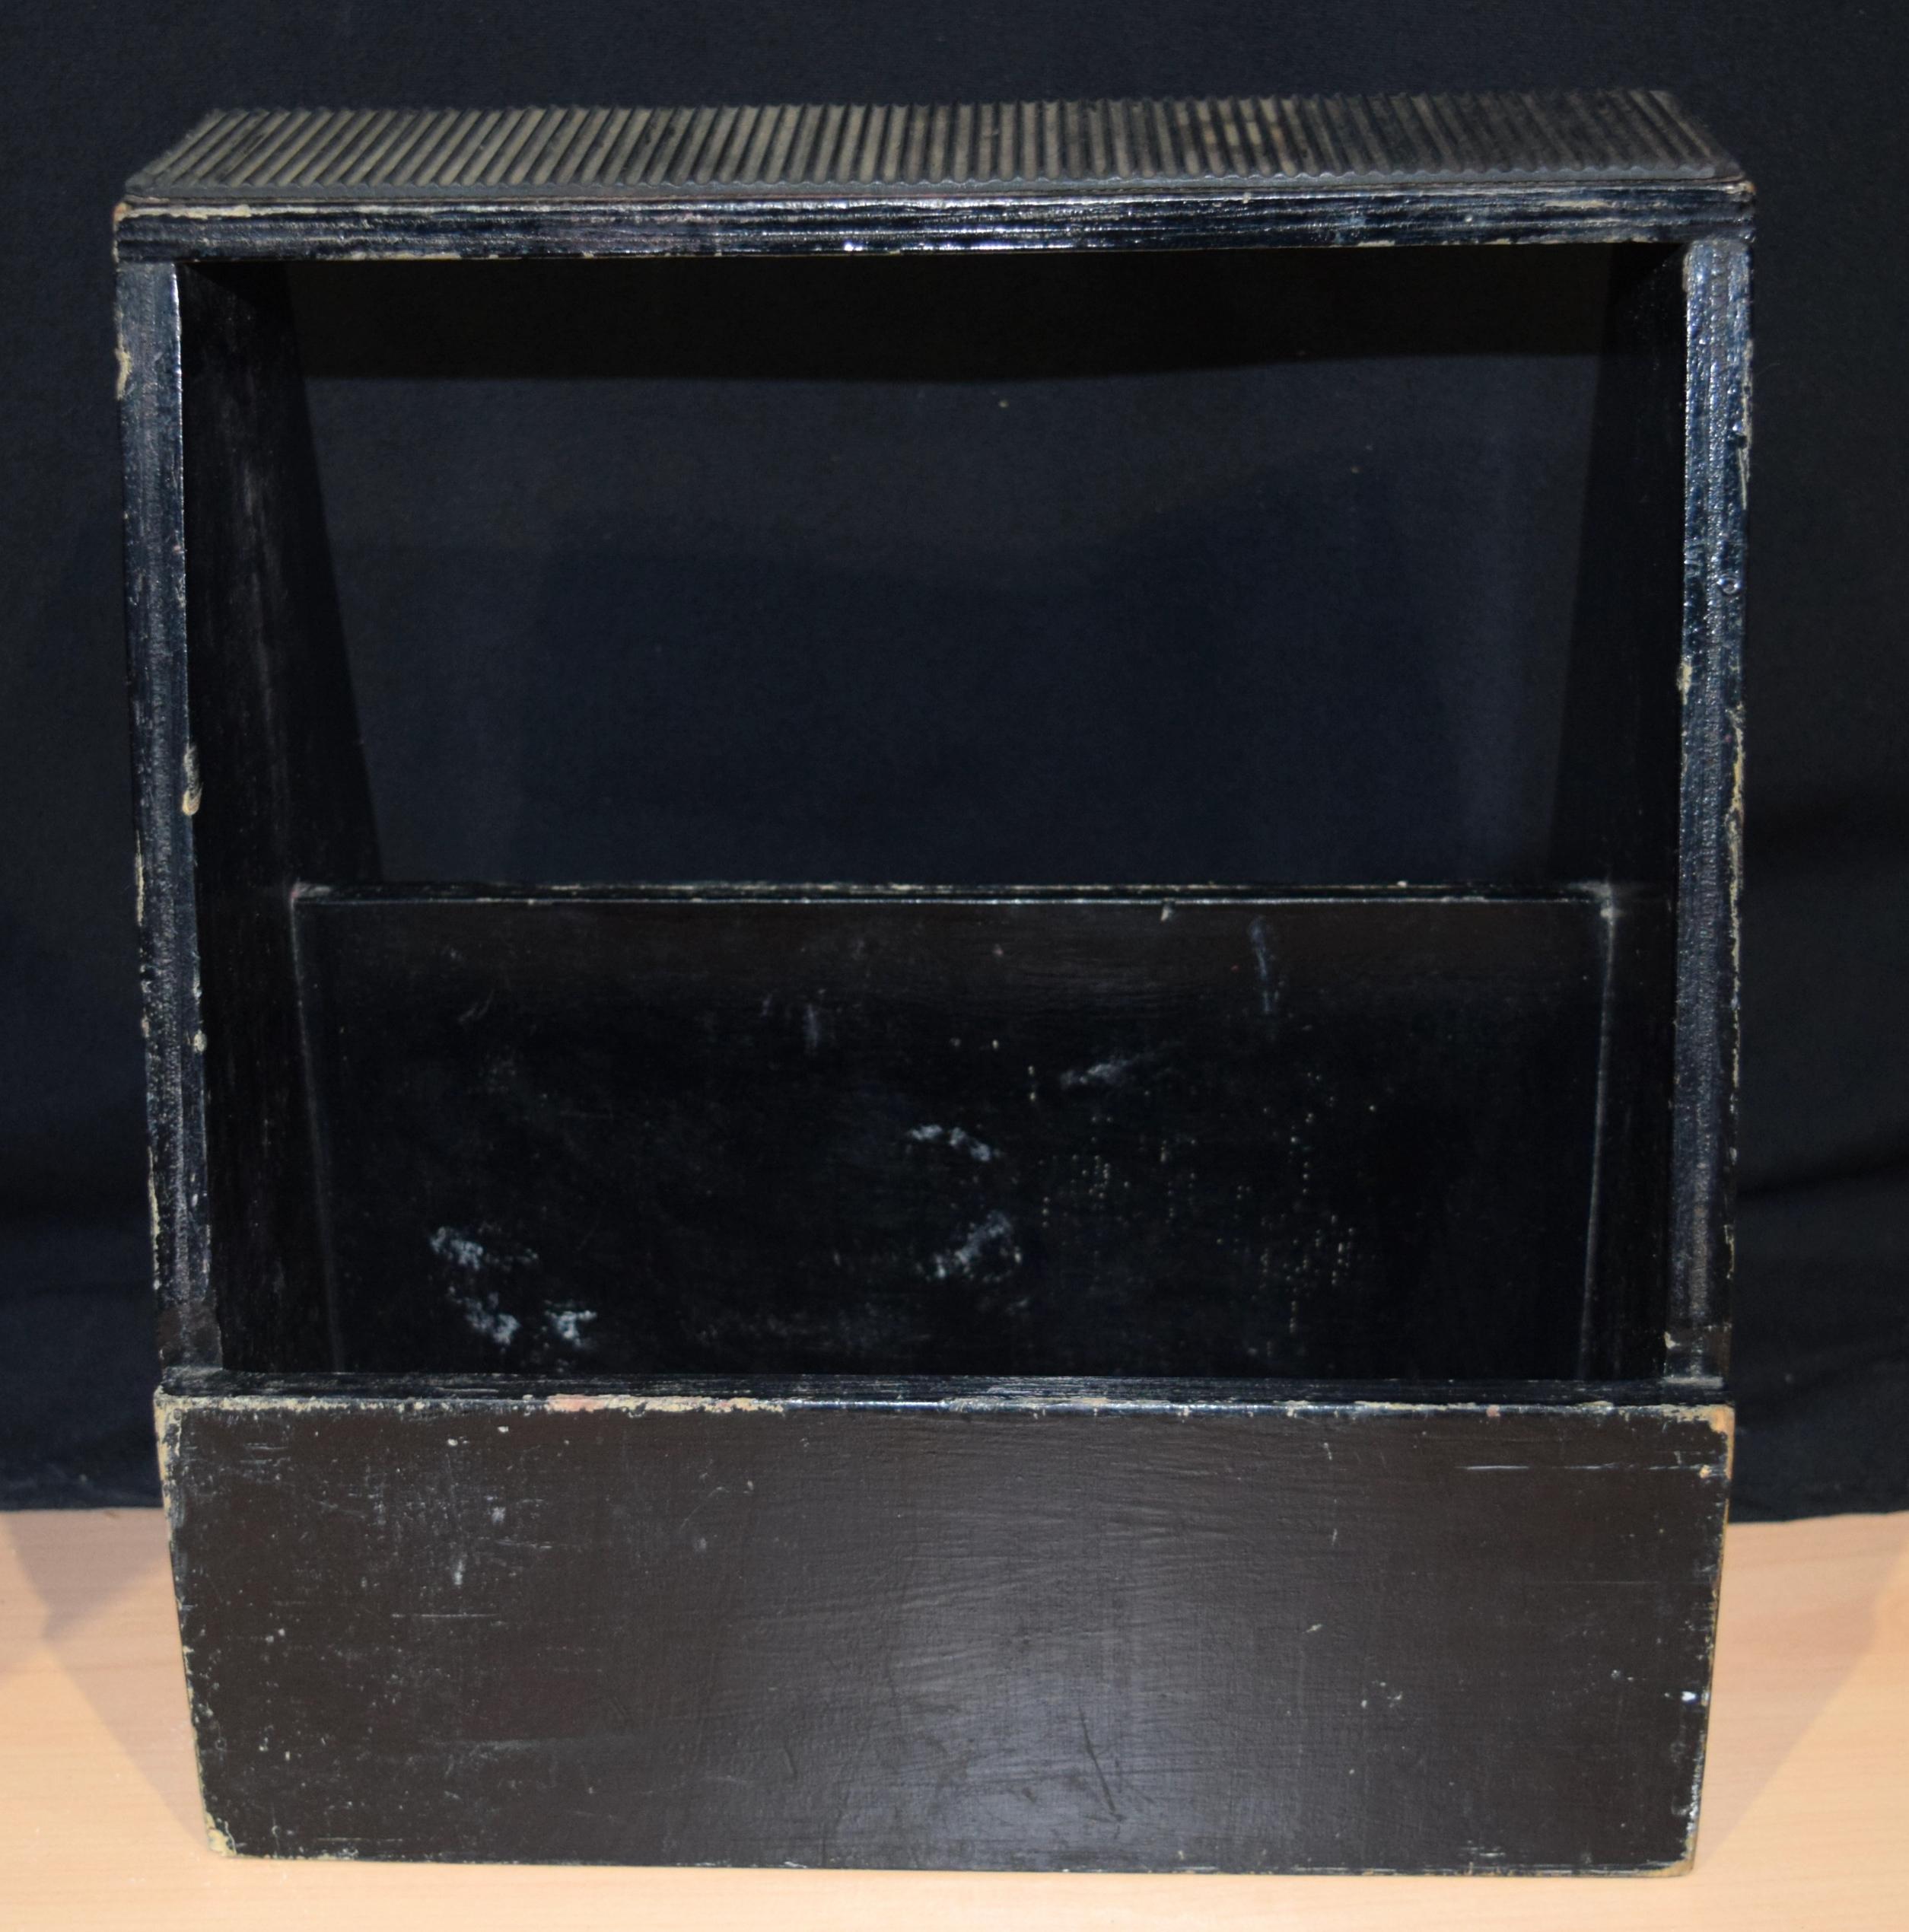 A vintage folding KIWI shoe polishing stand 99 x 43 cm. - Image 5 of 5